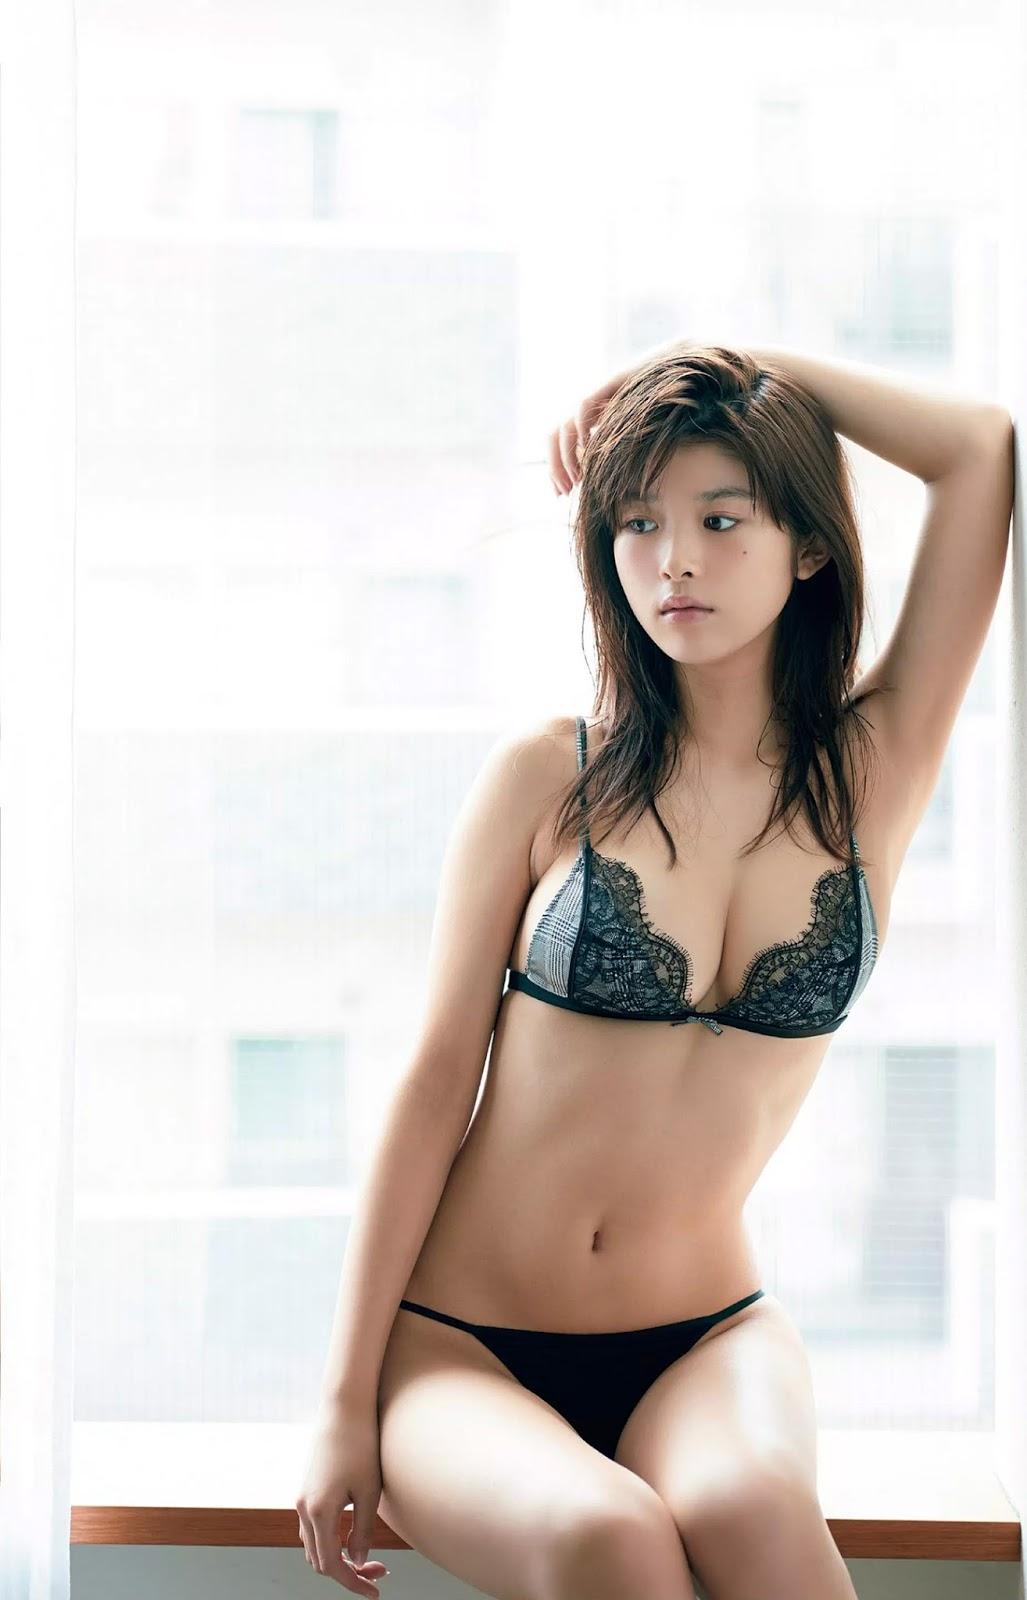 Fumika Baba 馬場ふみか, Weekly Playboy 2017 No.44 Part.02 (週刊プレイボーイ 2017年44号)